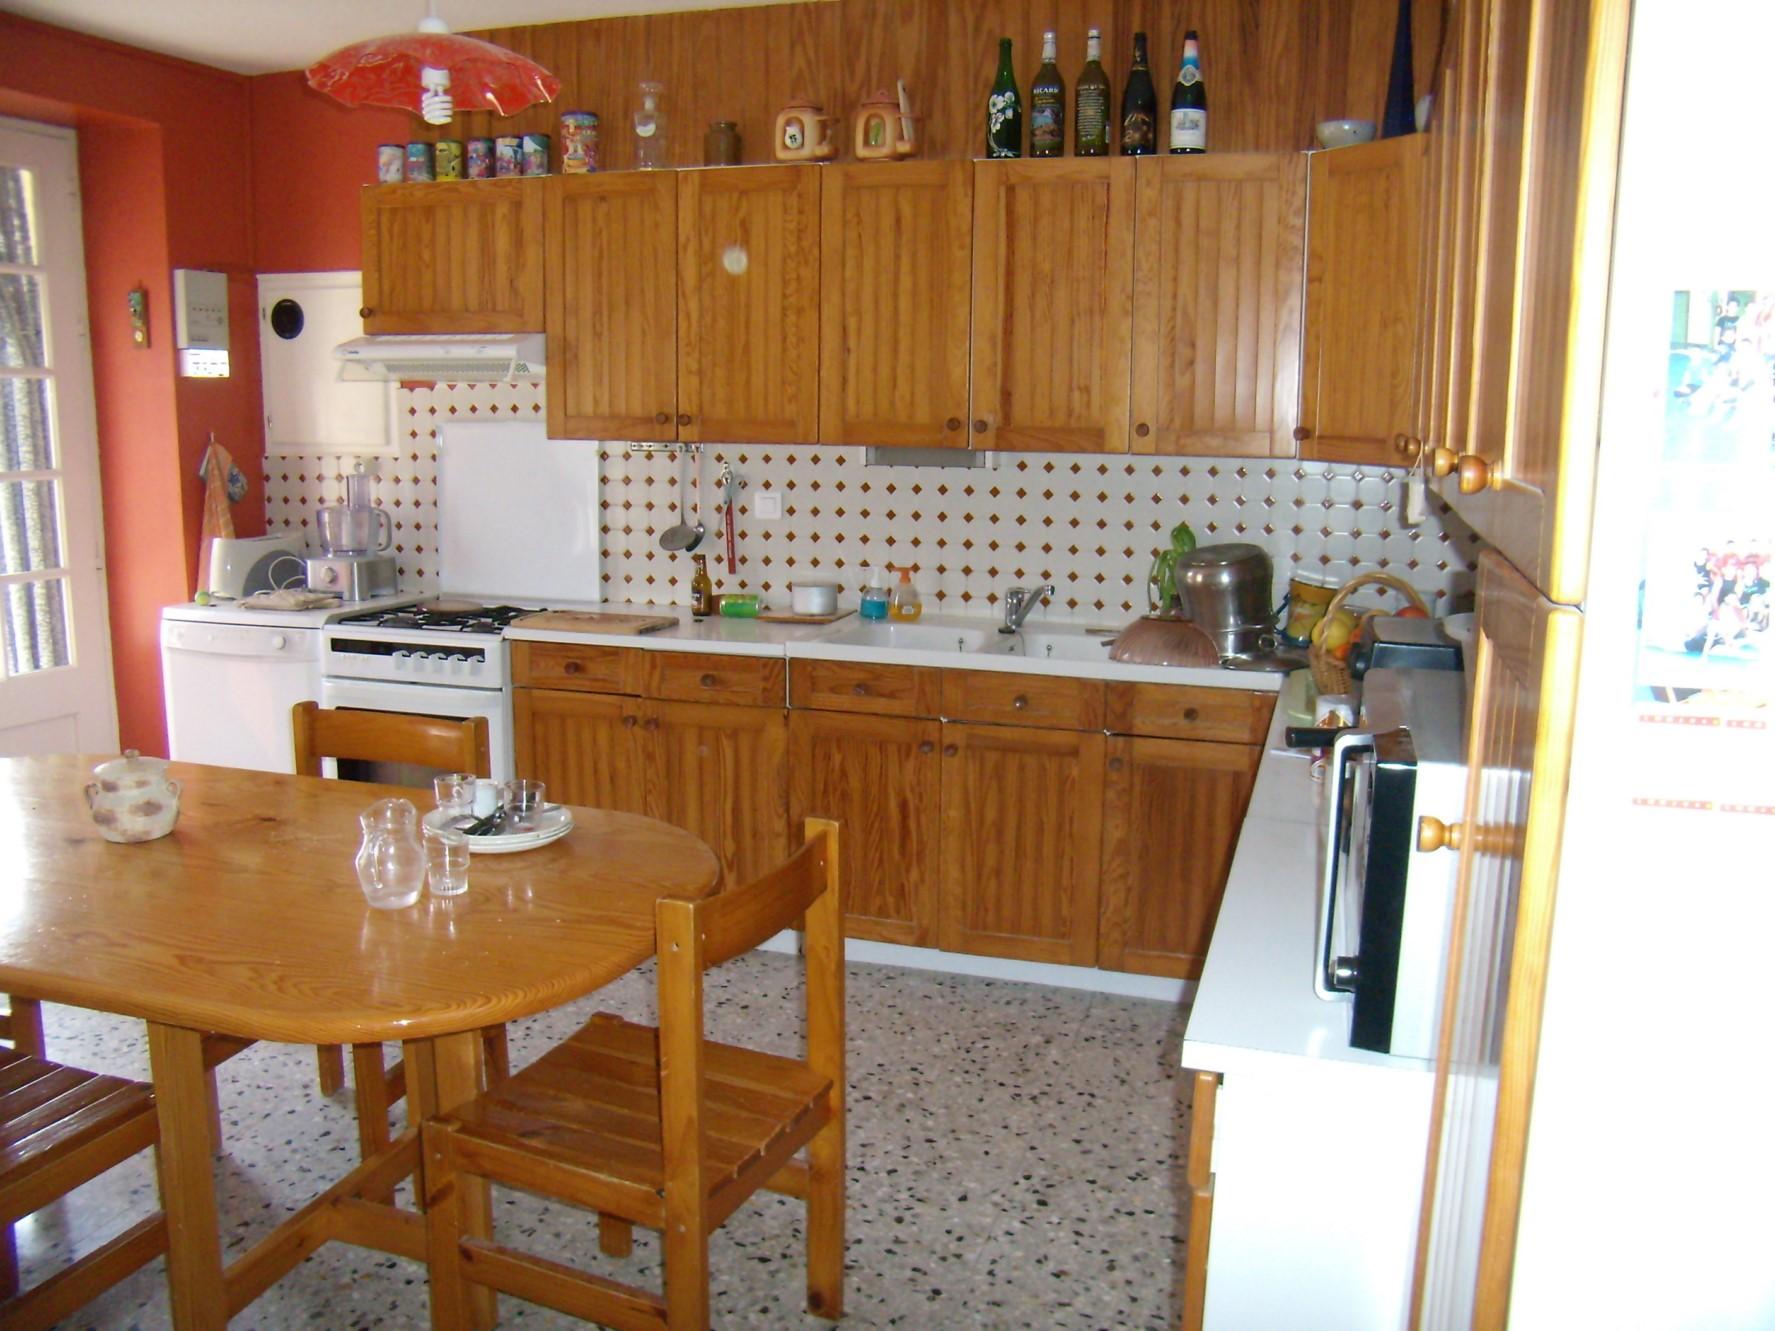 Maison à vendre au cœur d'un hameau en Luberon